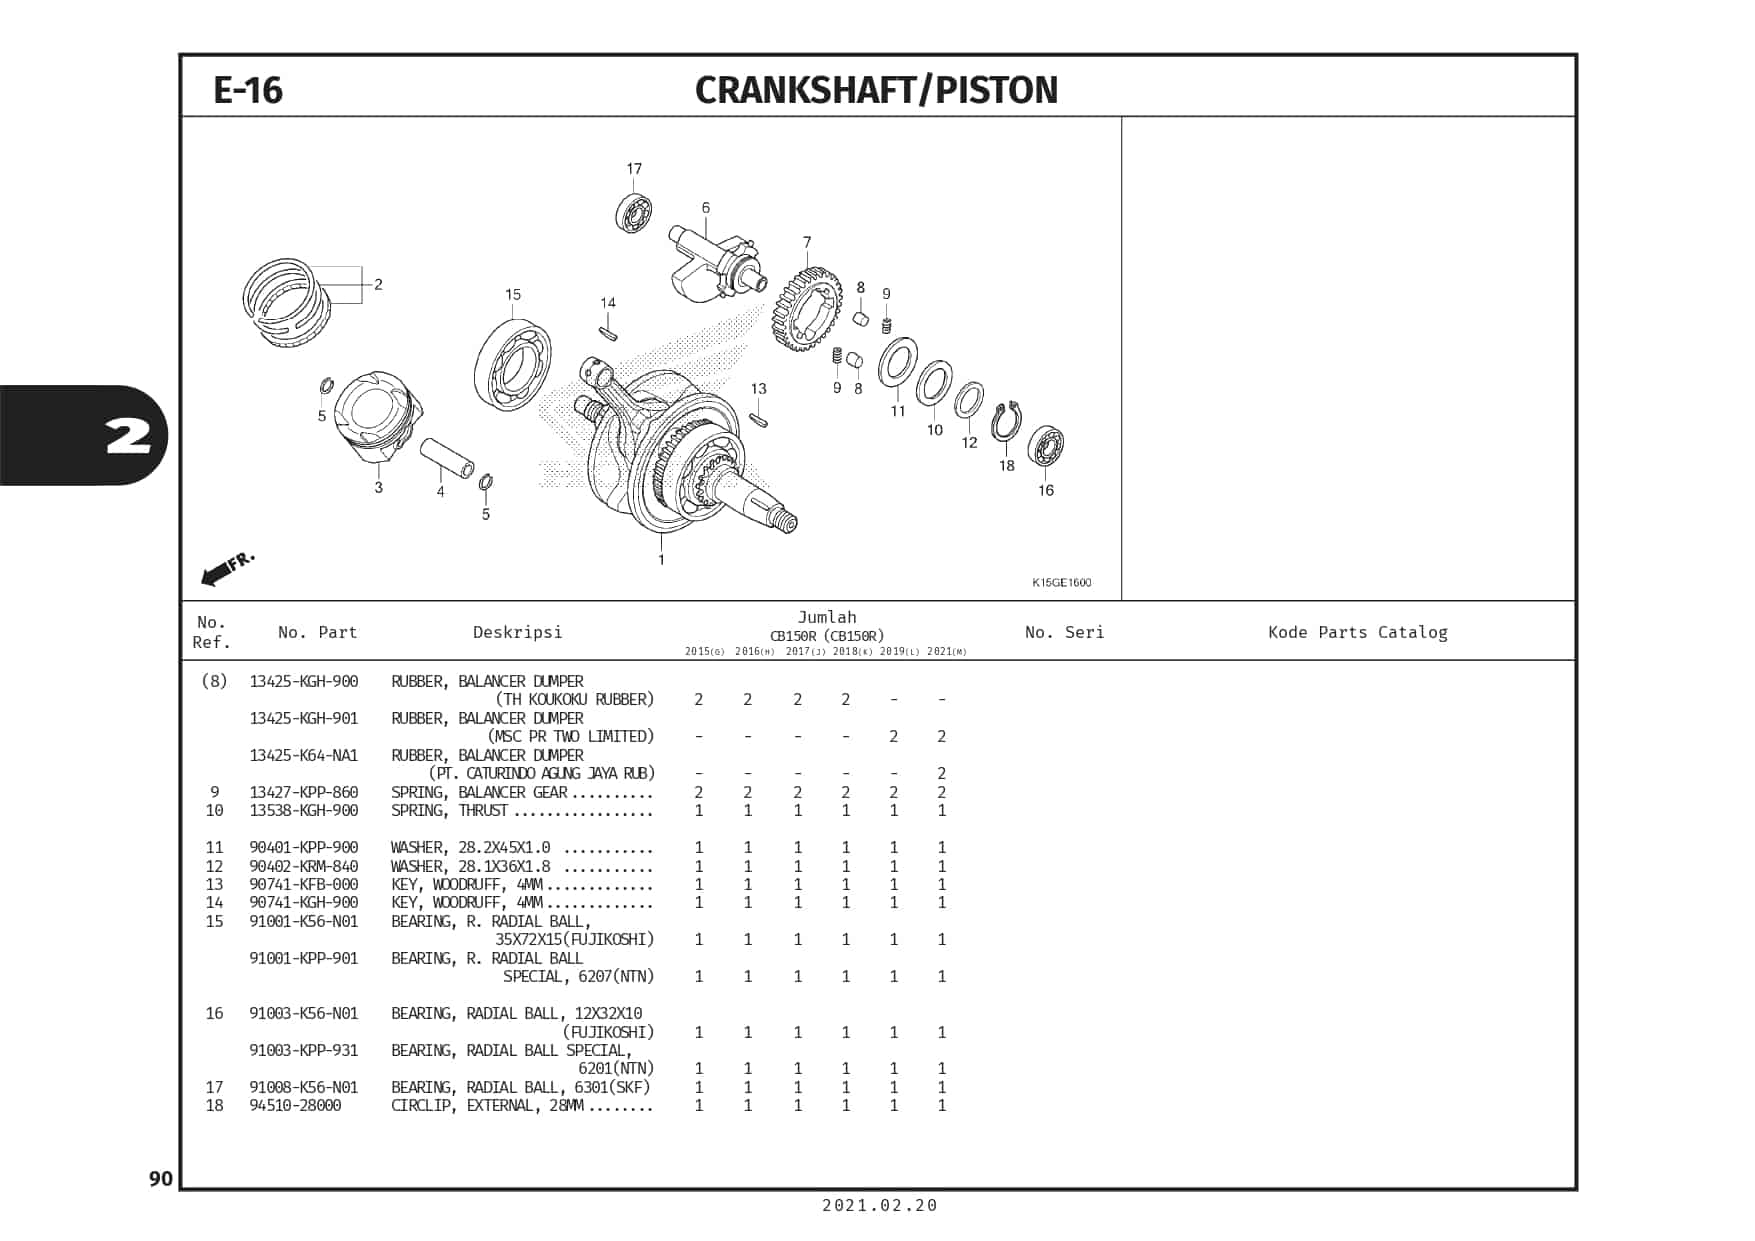 E-16 CrankShaft/ Piston